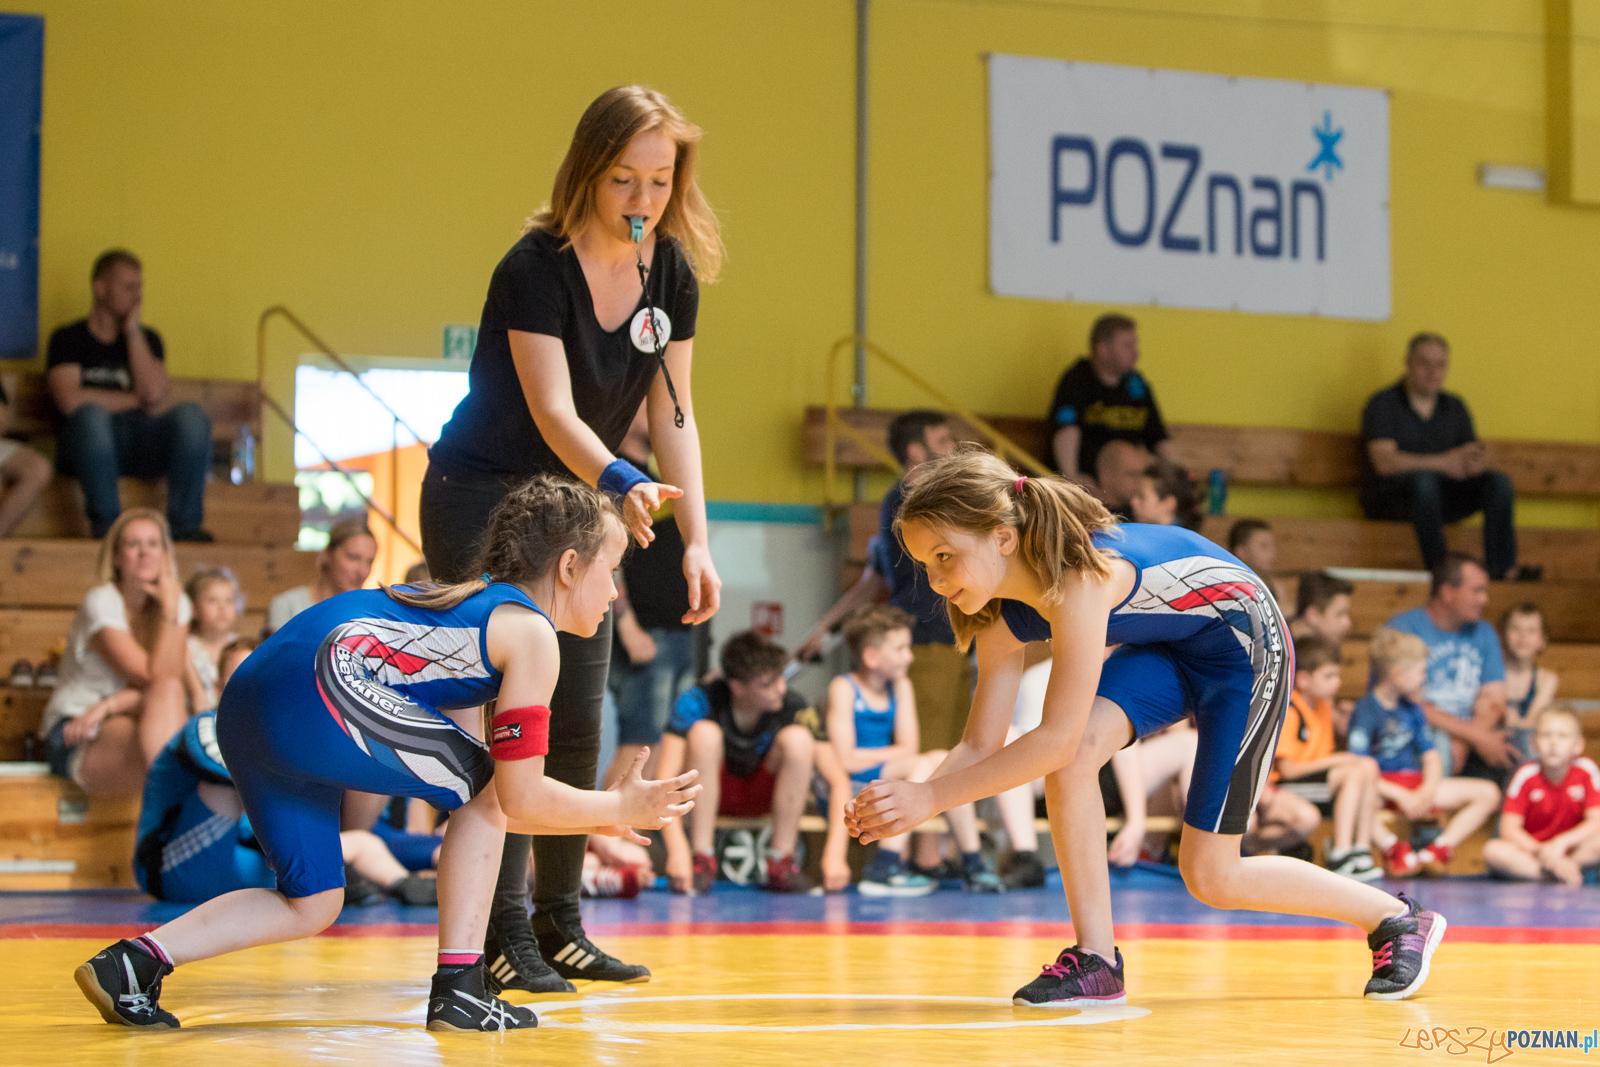 Zawody w SIłowaniu i Zapasach z okazji Dnia Dziecka  Foto: lepszyPOZNAN.pl/Piotr Rychter